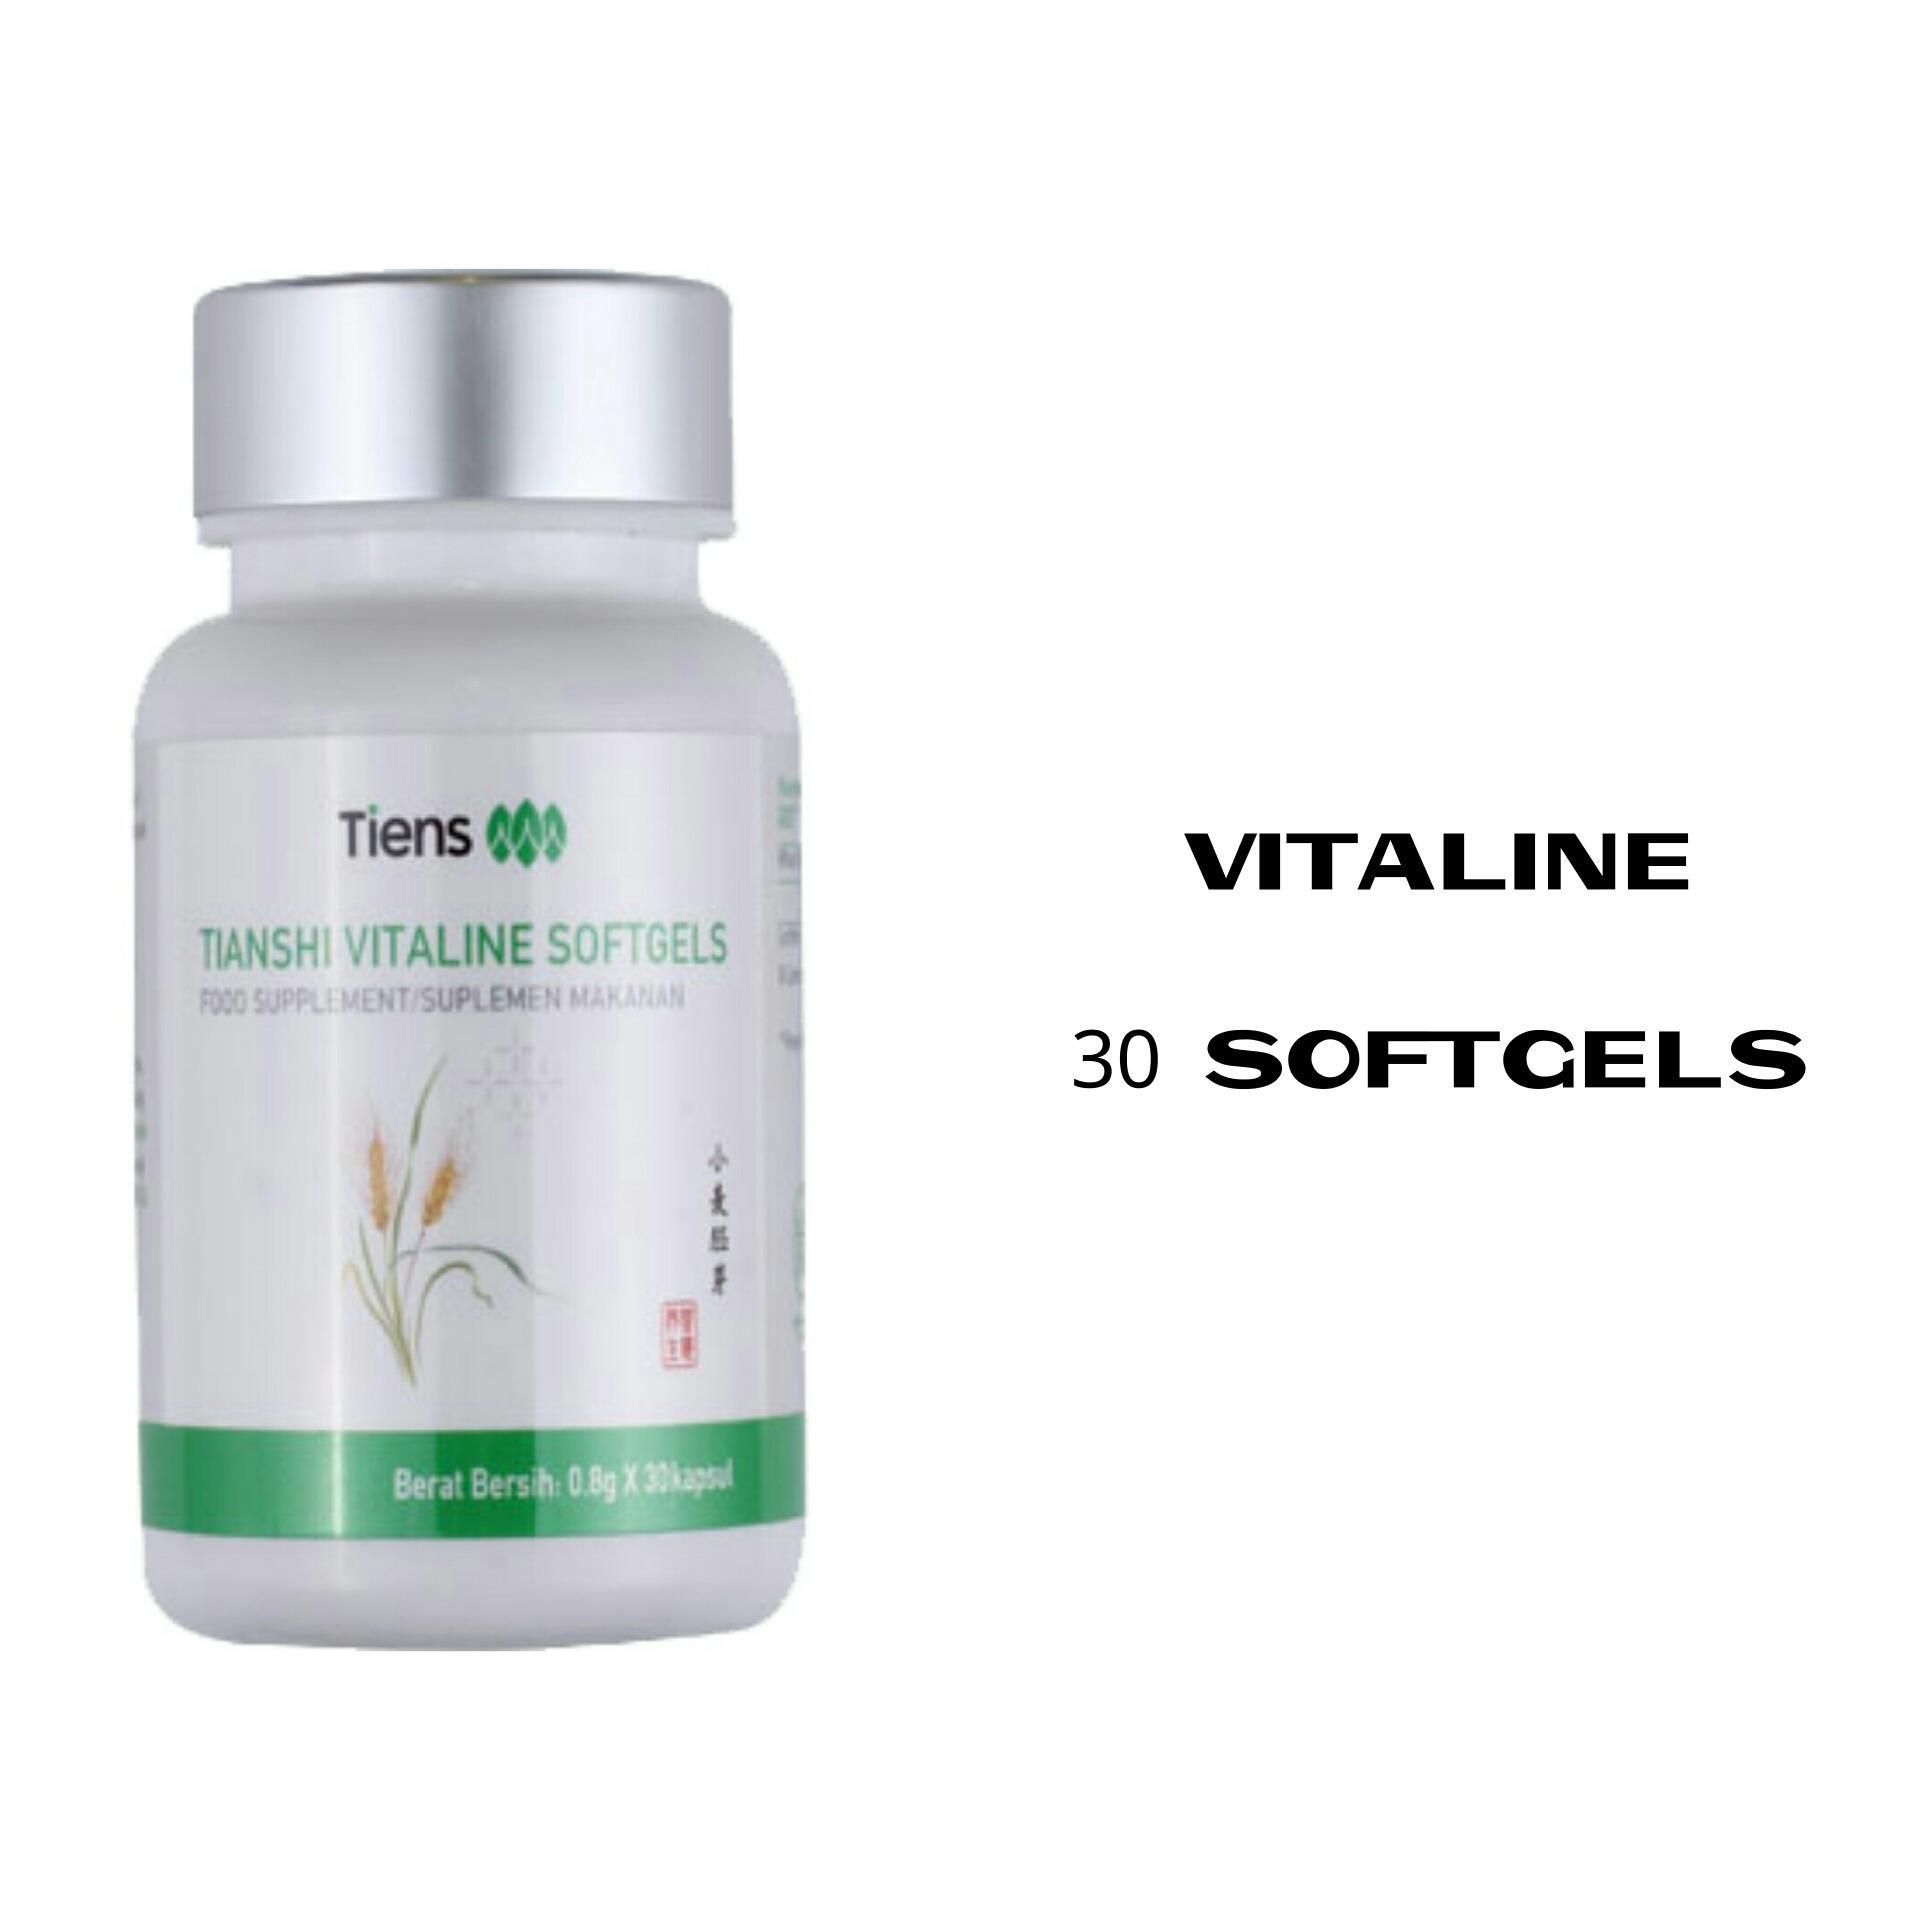 Nazhifah Tienshop Vitaline Memperbaiki Fungsi Hati Dan Menjaga Kesehatan Kulit By Nazhifah Tienshop.